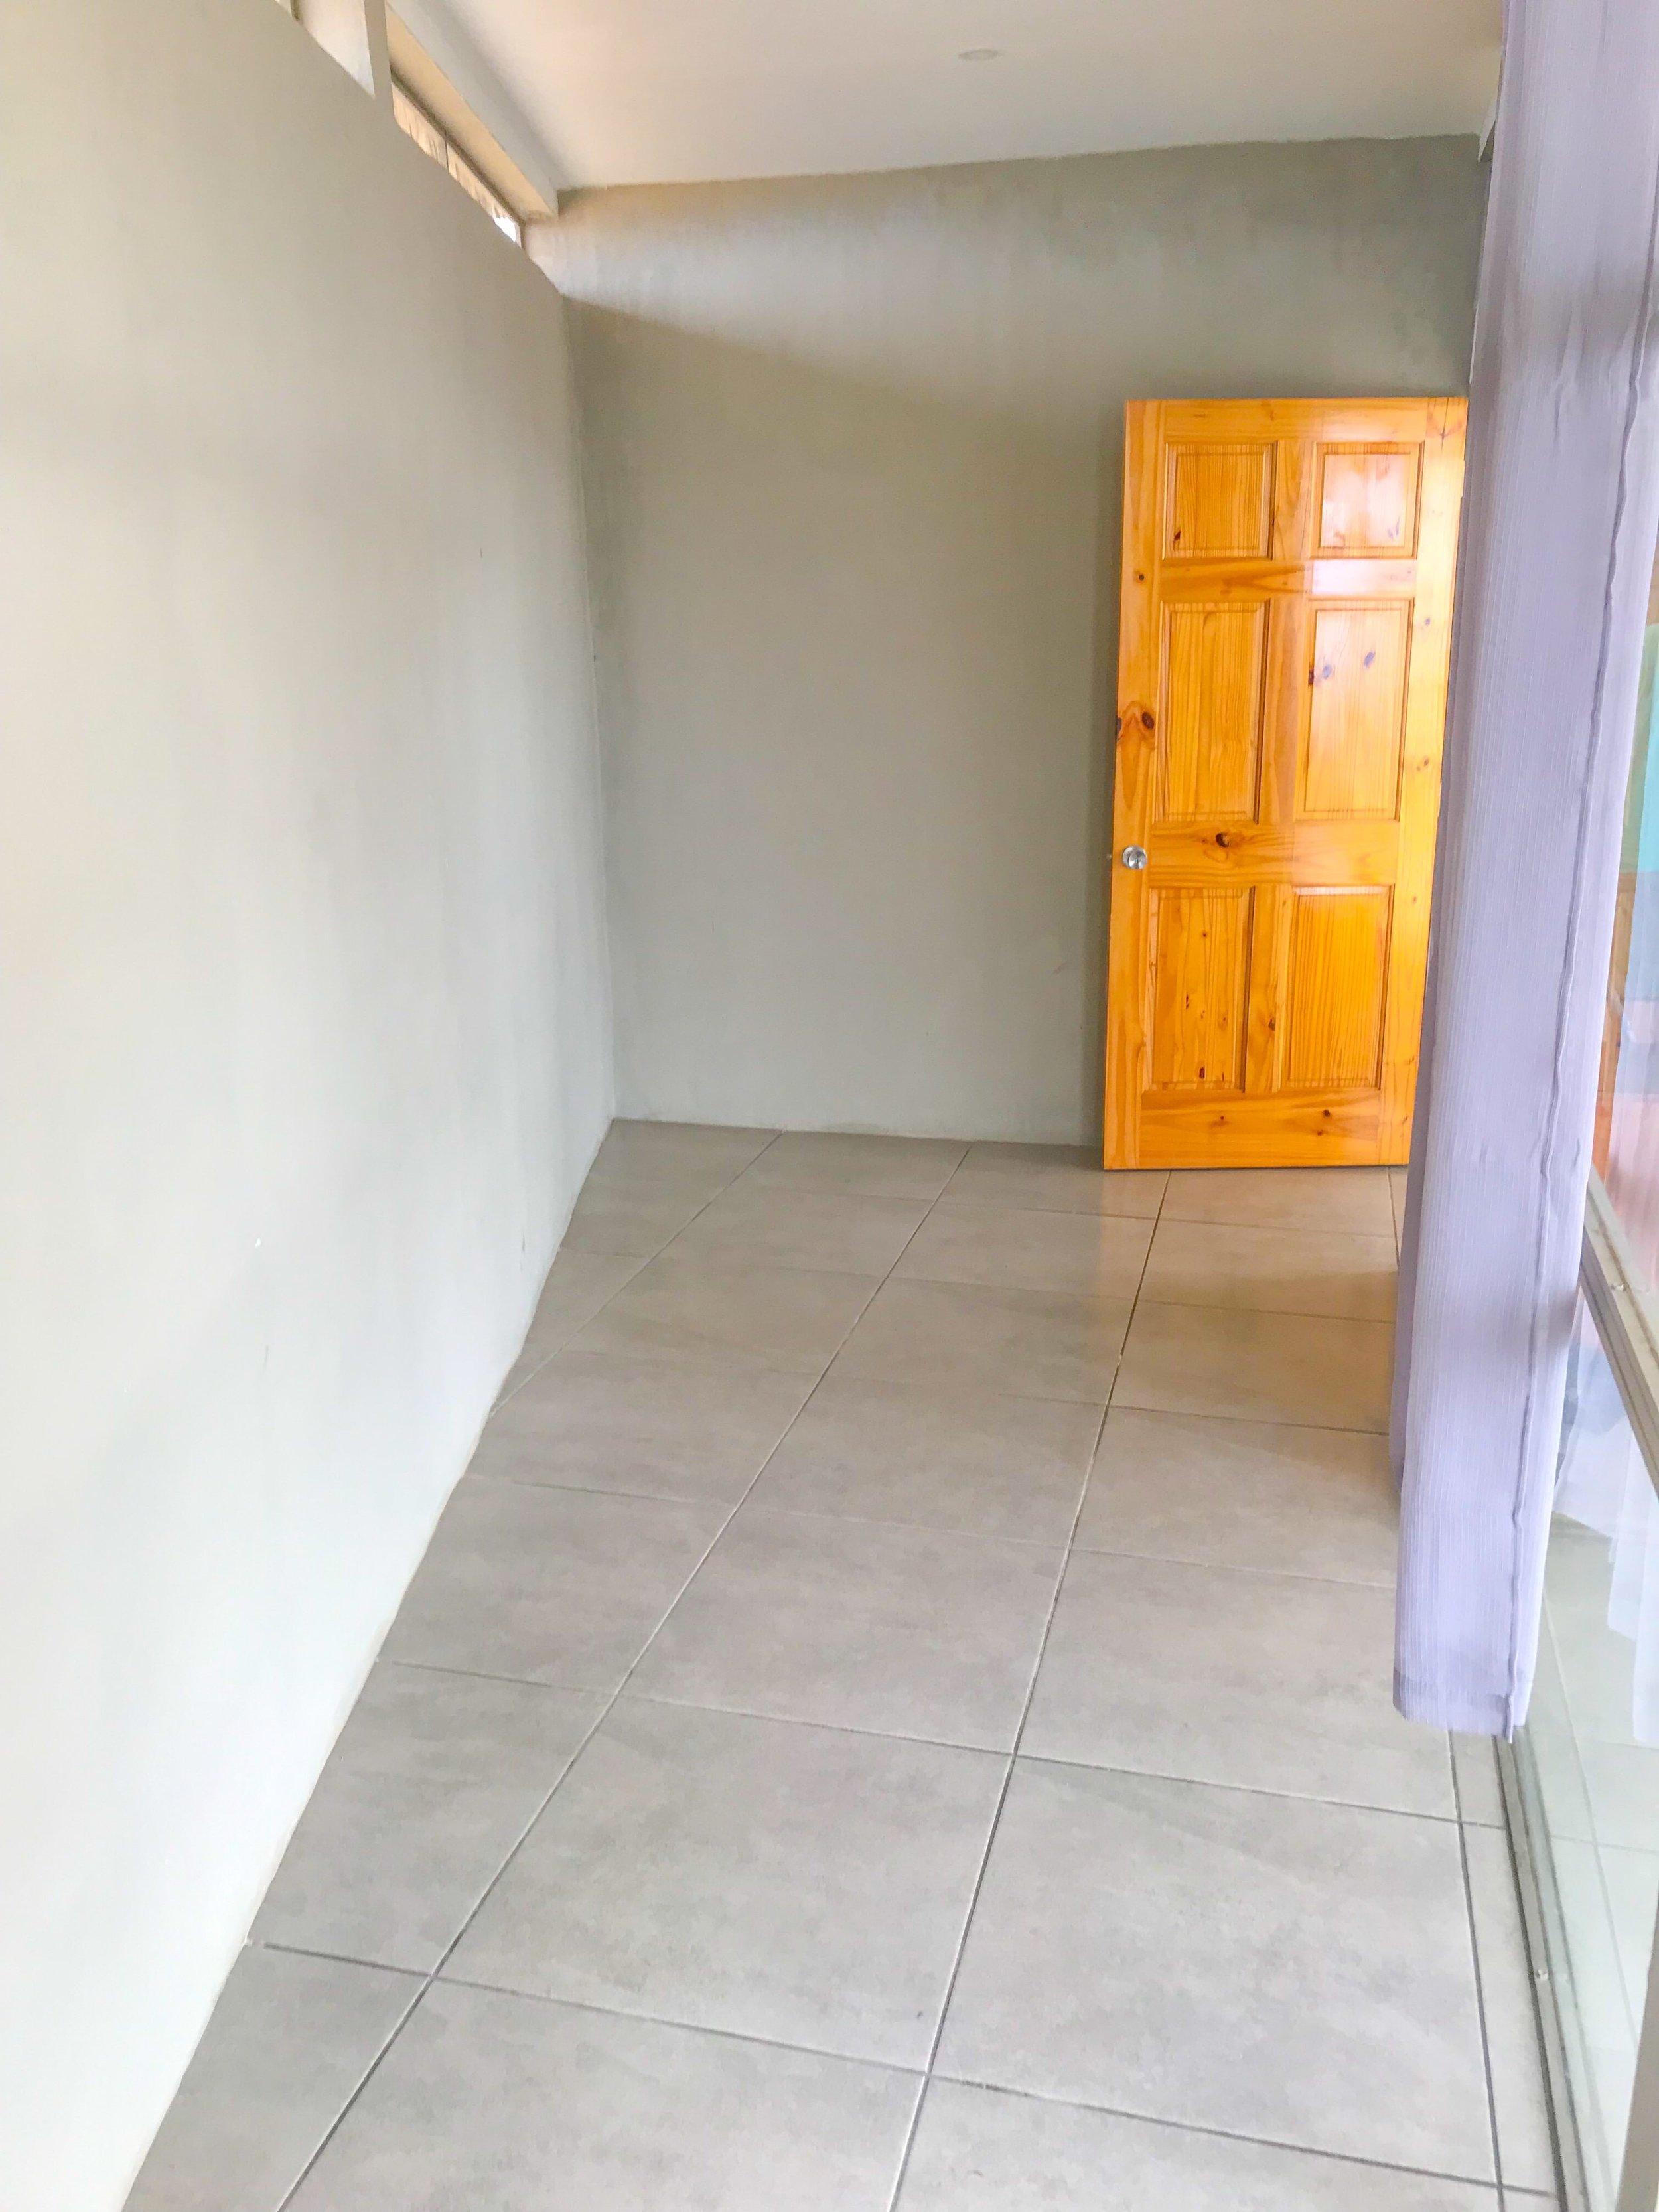 Home For Sale Paradise Bay San Juan Del Sur Nicaragua7-min.JPEG